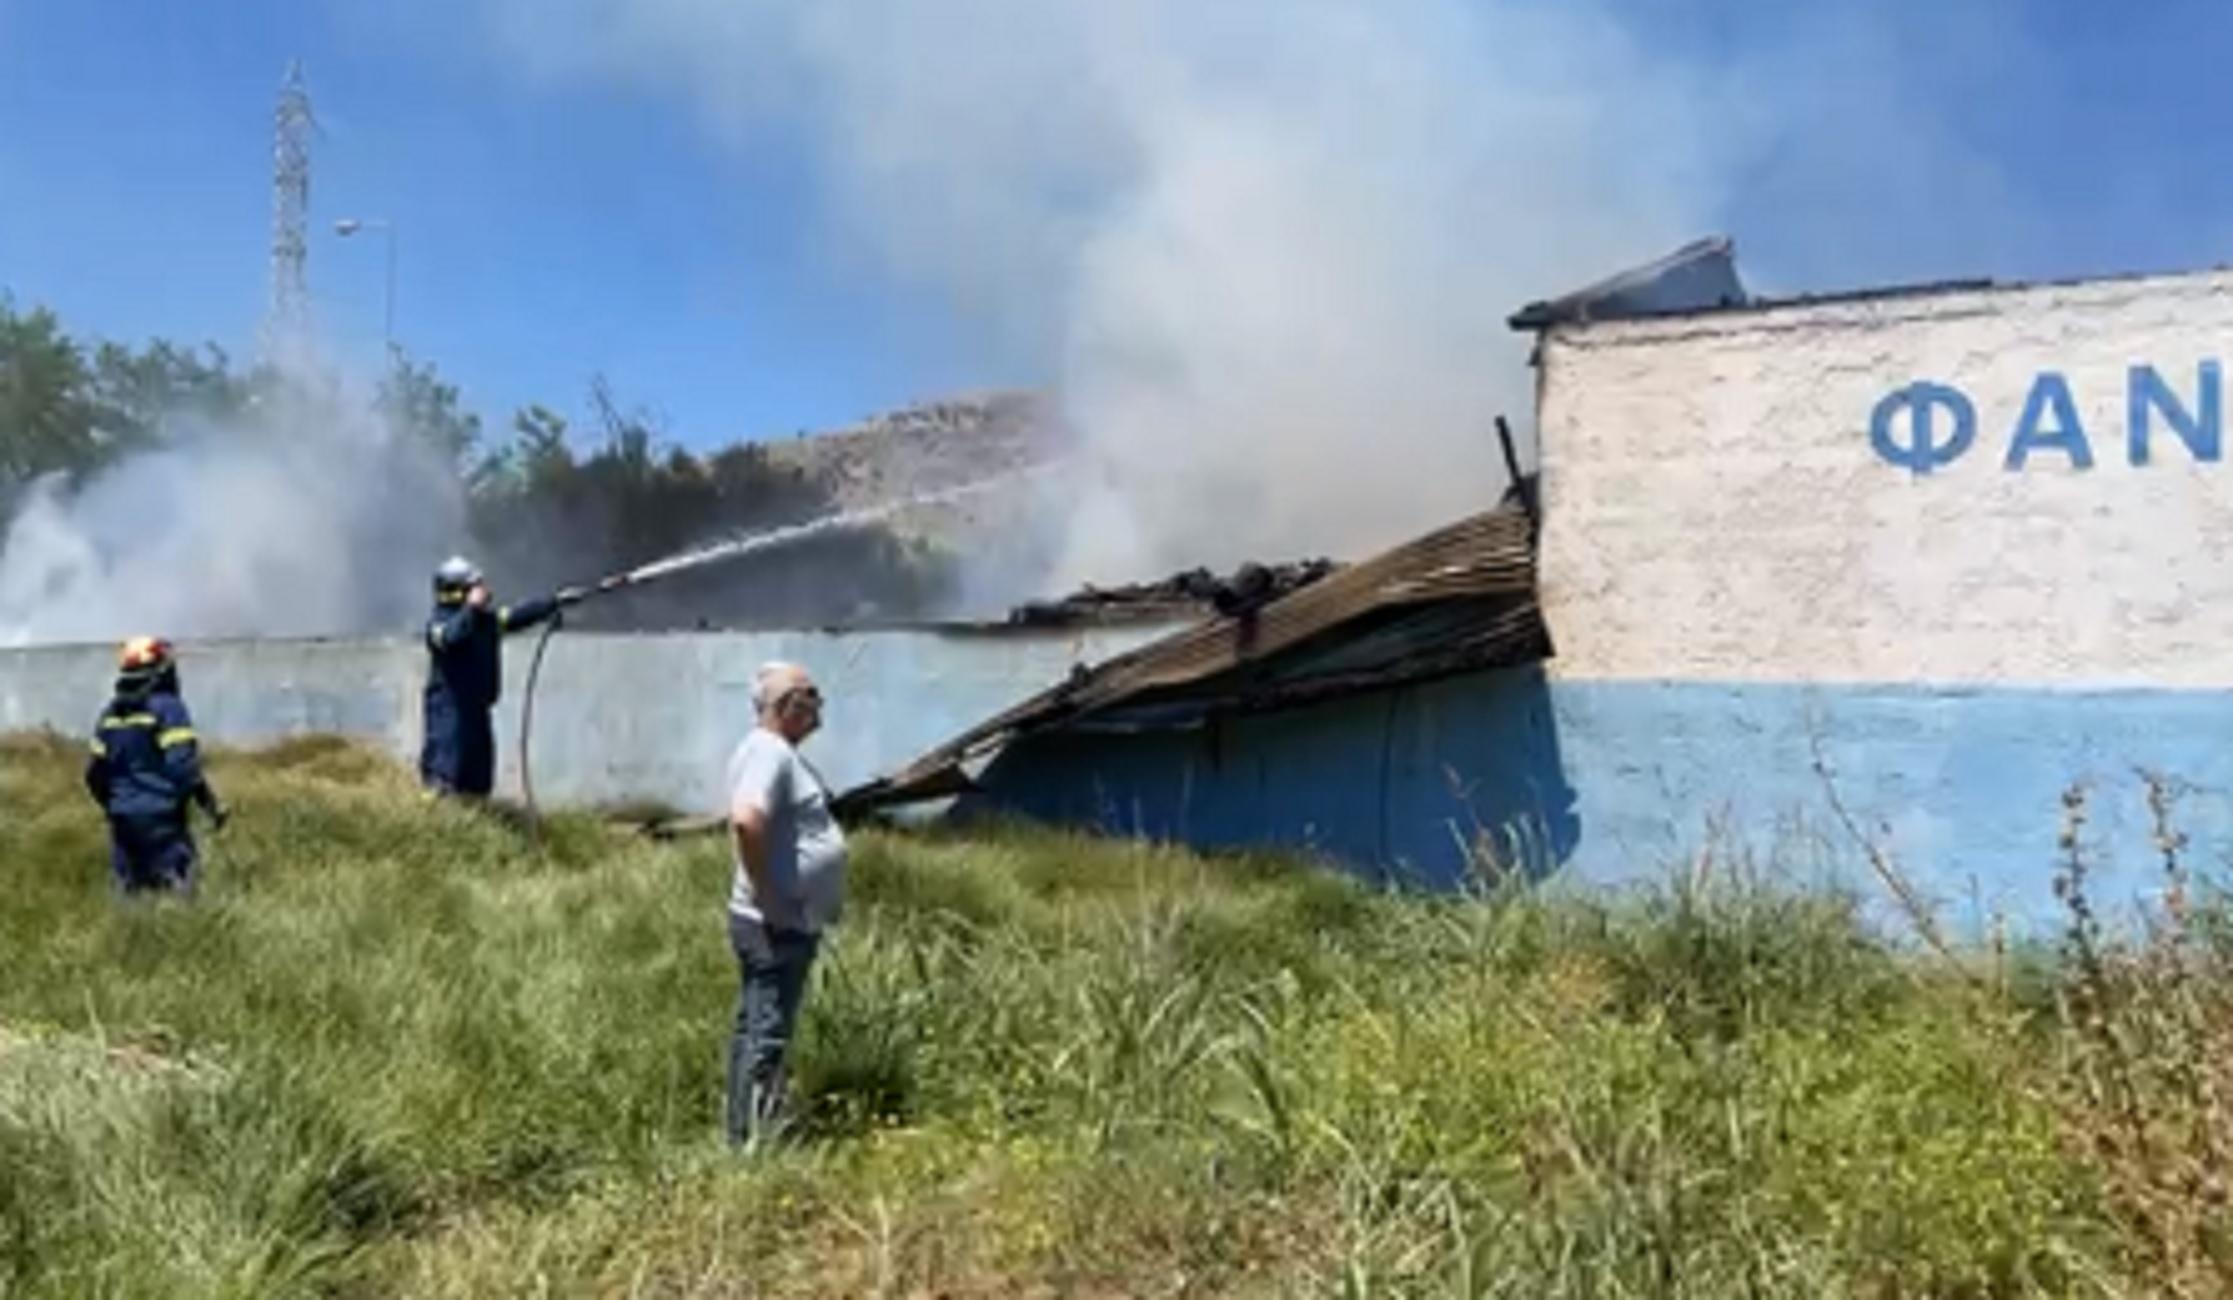 Ηράκλειο: Συναγερμός για μεγάλη φωτιά που ξεκίνησε από ξυλουργείο – Επί τόπου πυροσβέστες (video)